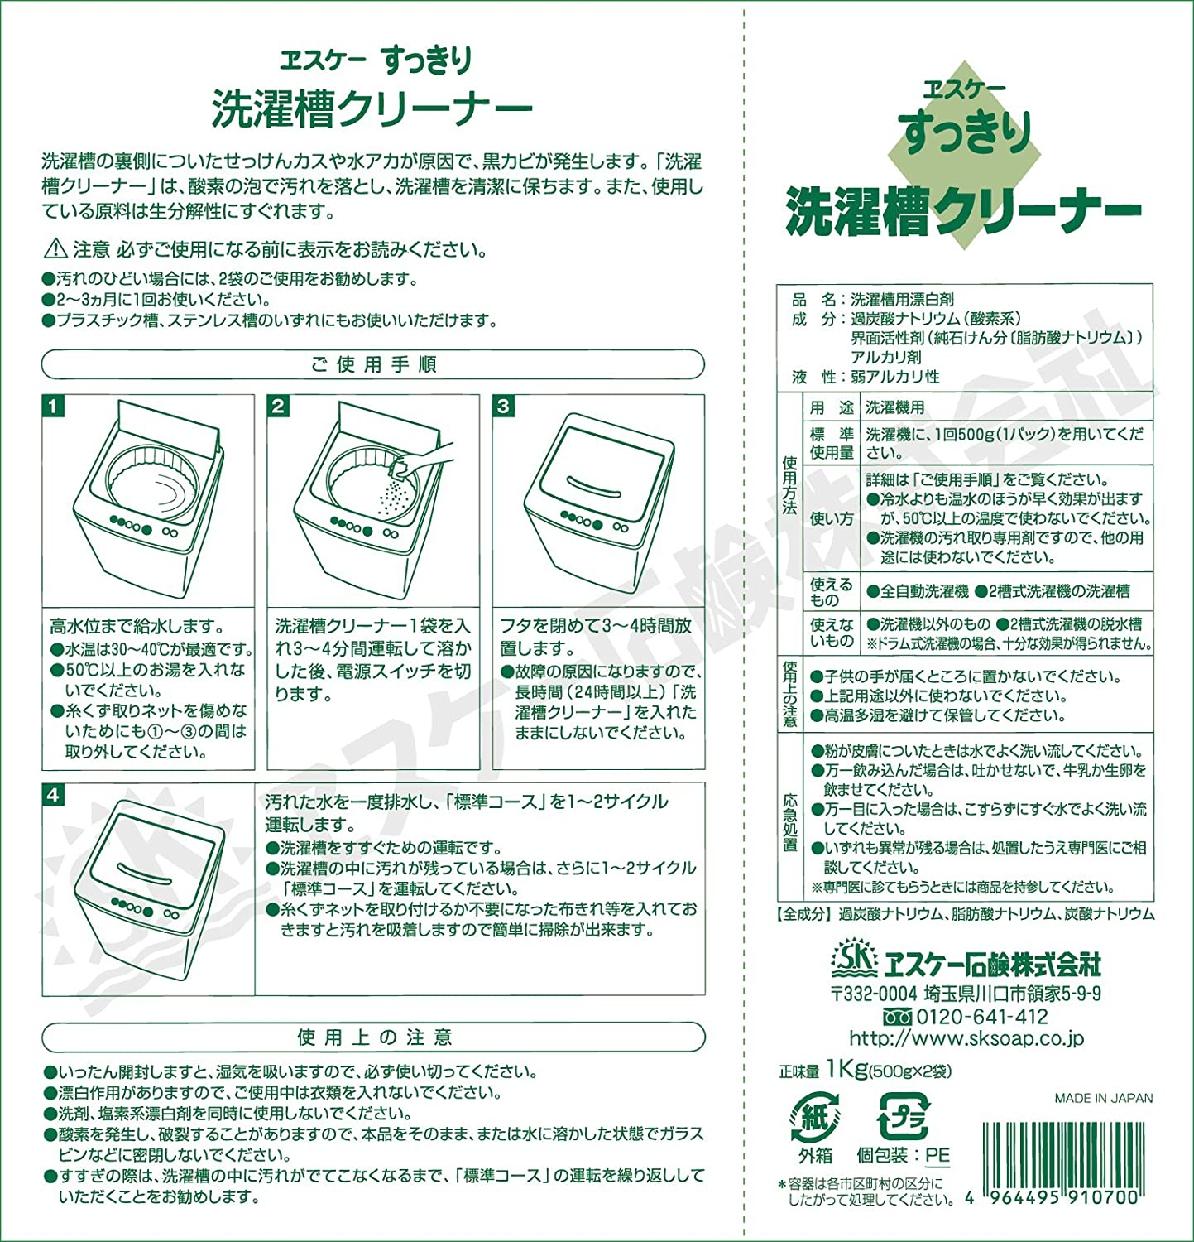 ヱスケー石鹸(ヱスケーセッケン)洗濯槽クリーナー (高発泡タイプ)の商品画像2